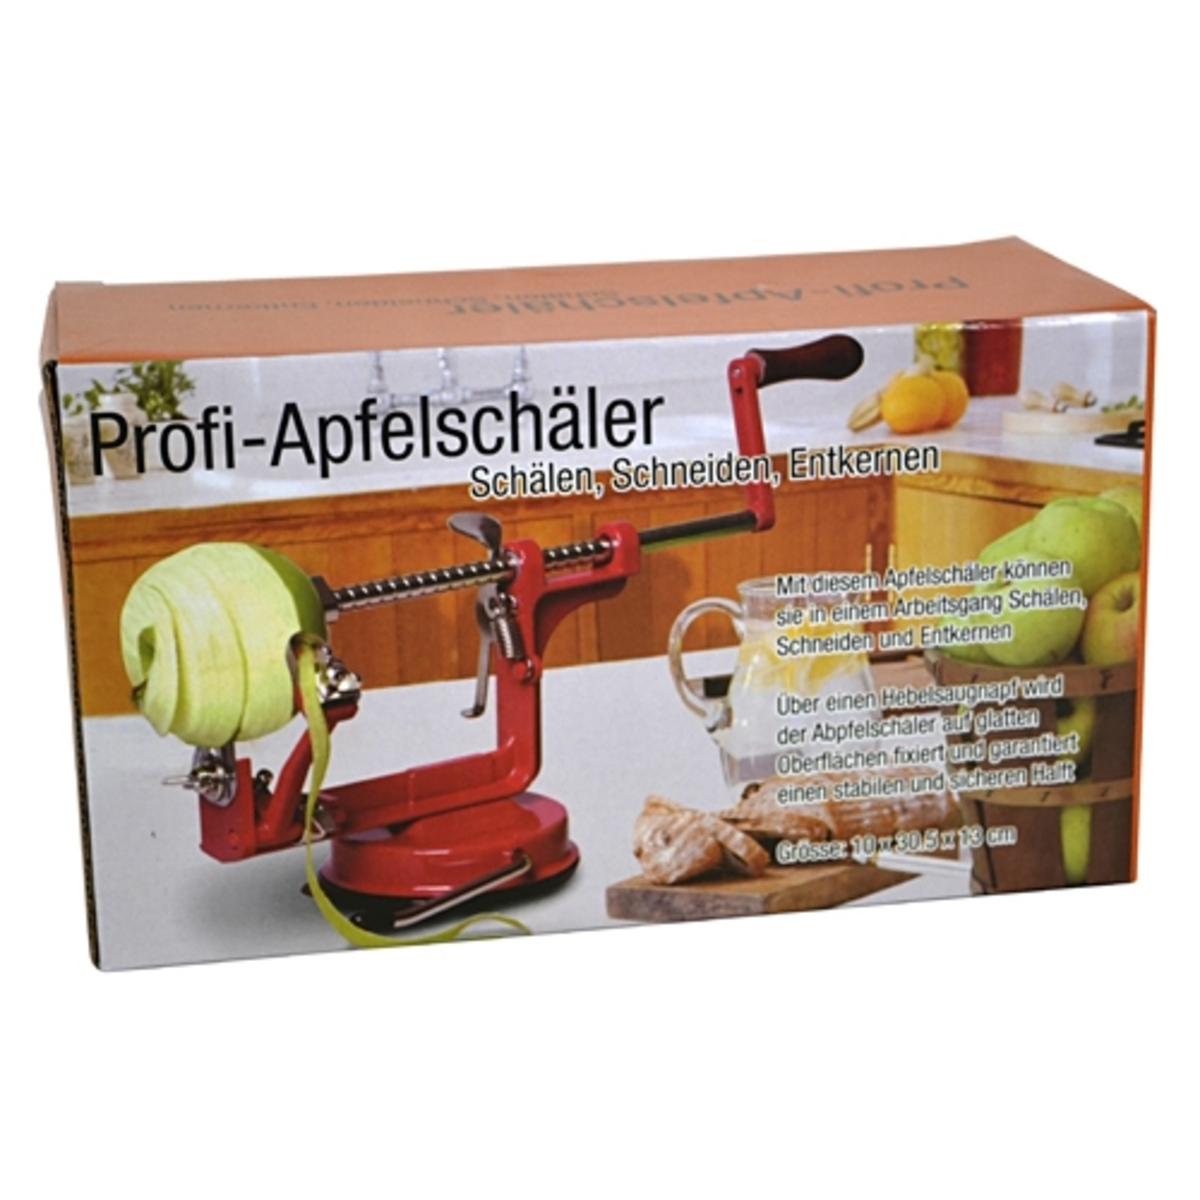 Bild 2 von Profi-Apfelschäler